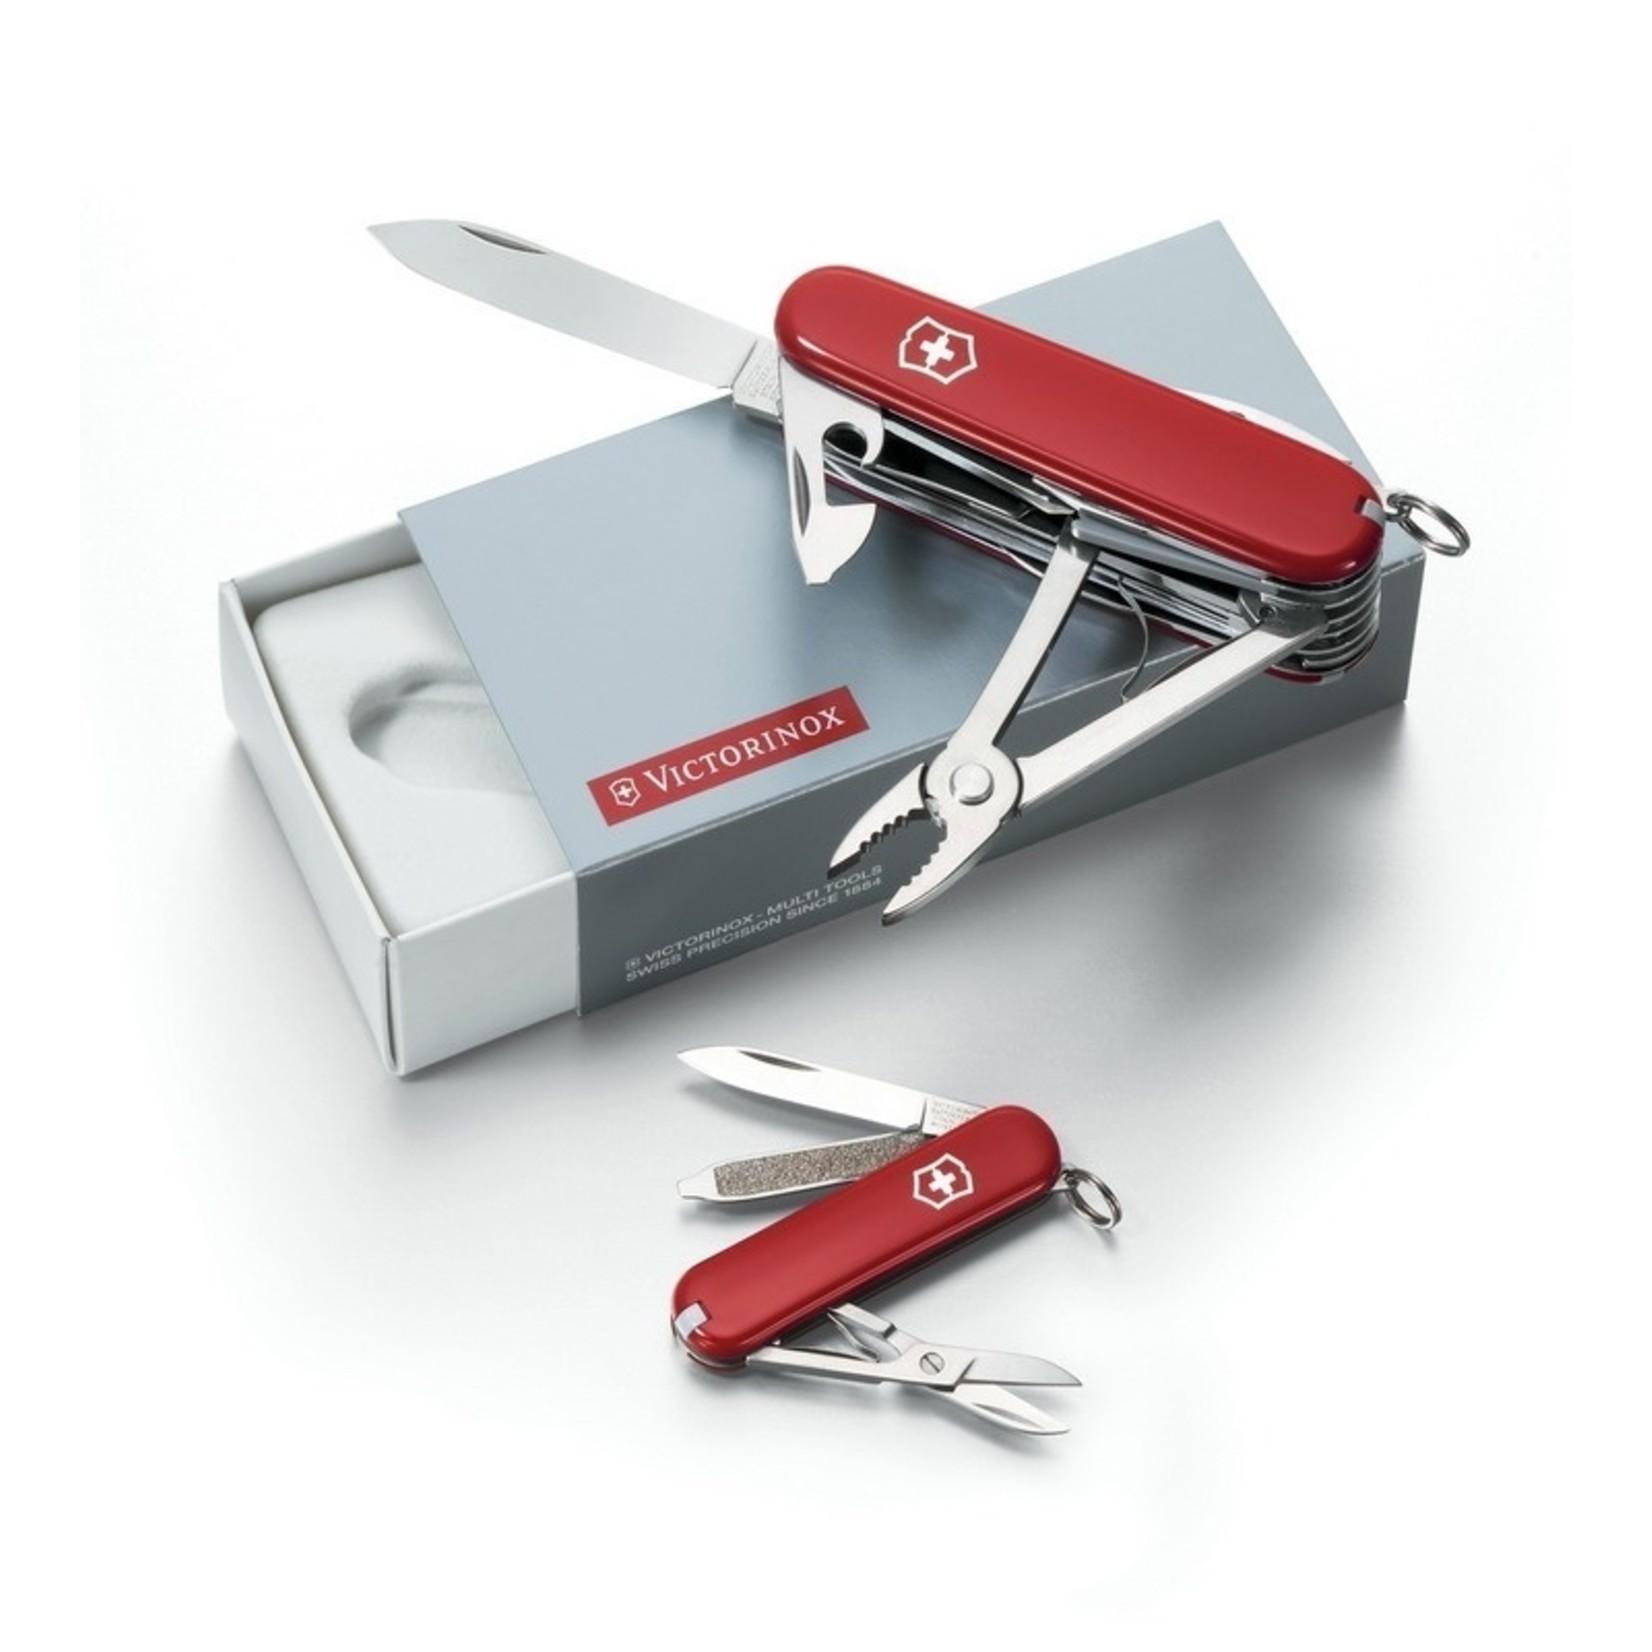 Victorinox Victorinox Gift Box DUO SwissChamp+Classic rood